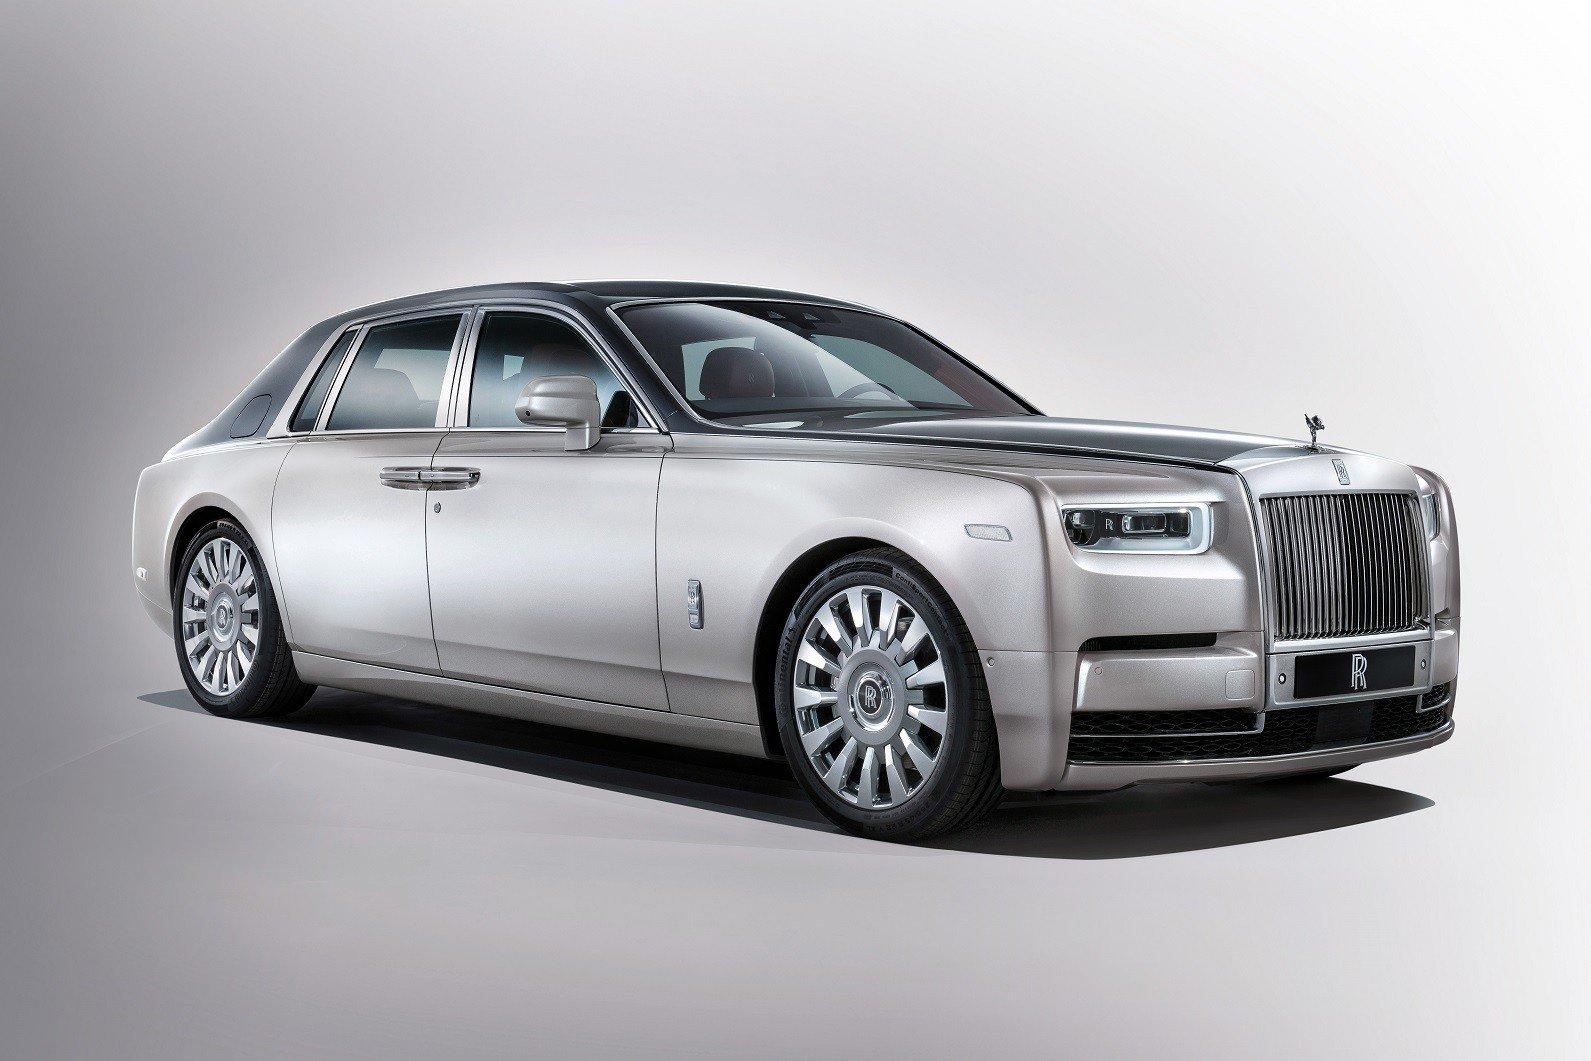 Новое поколение Rolls-Royce Phantom представят уже сегодня